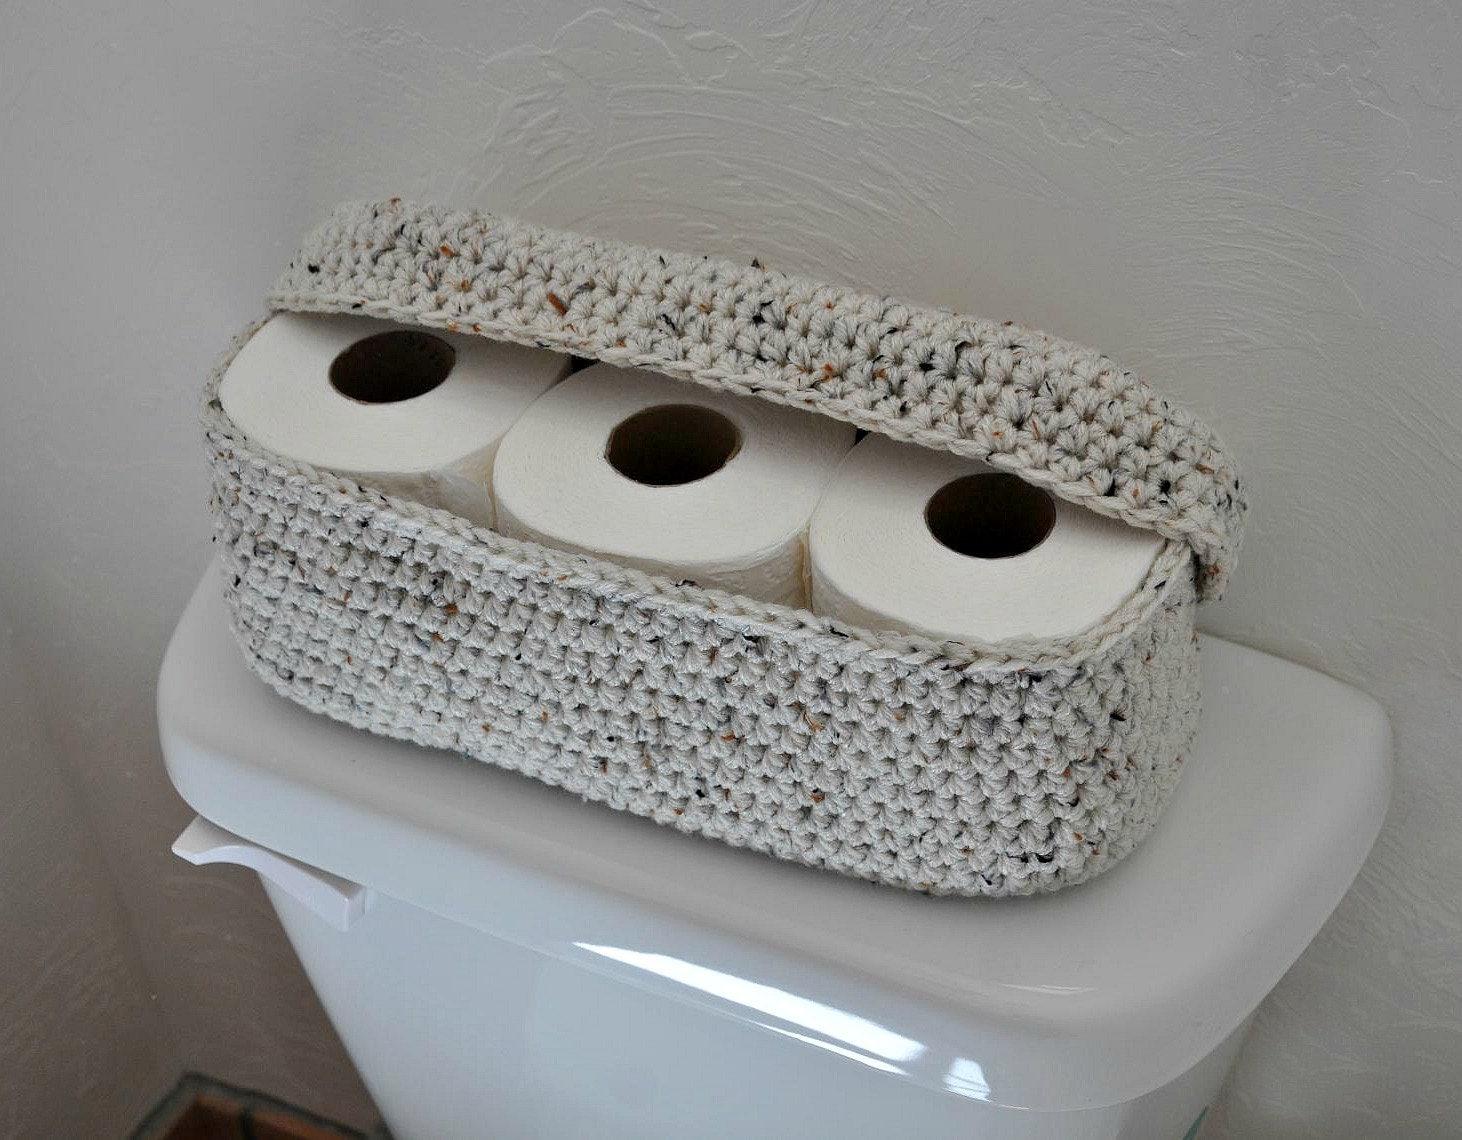 spare roll holder toilet tissue basket bathroom decoration. Black Bedroom Furniture Sets. Home Design Ideas